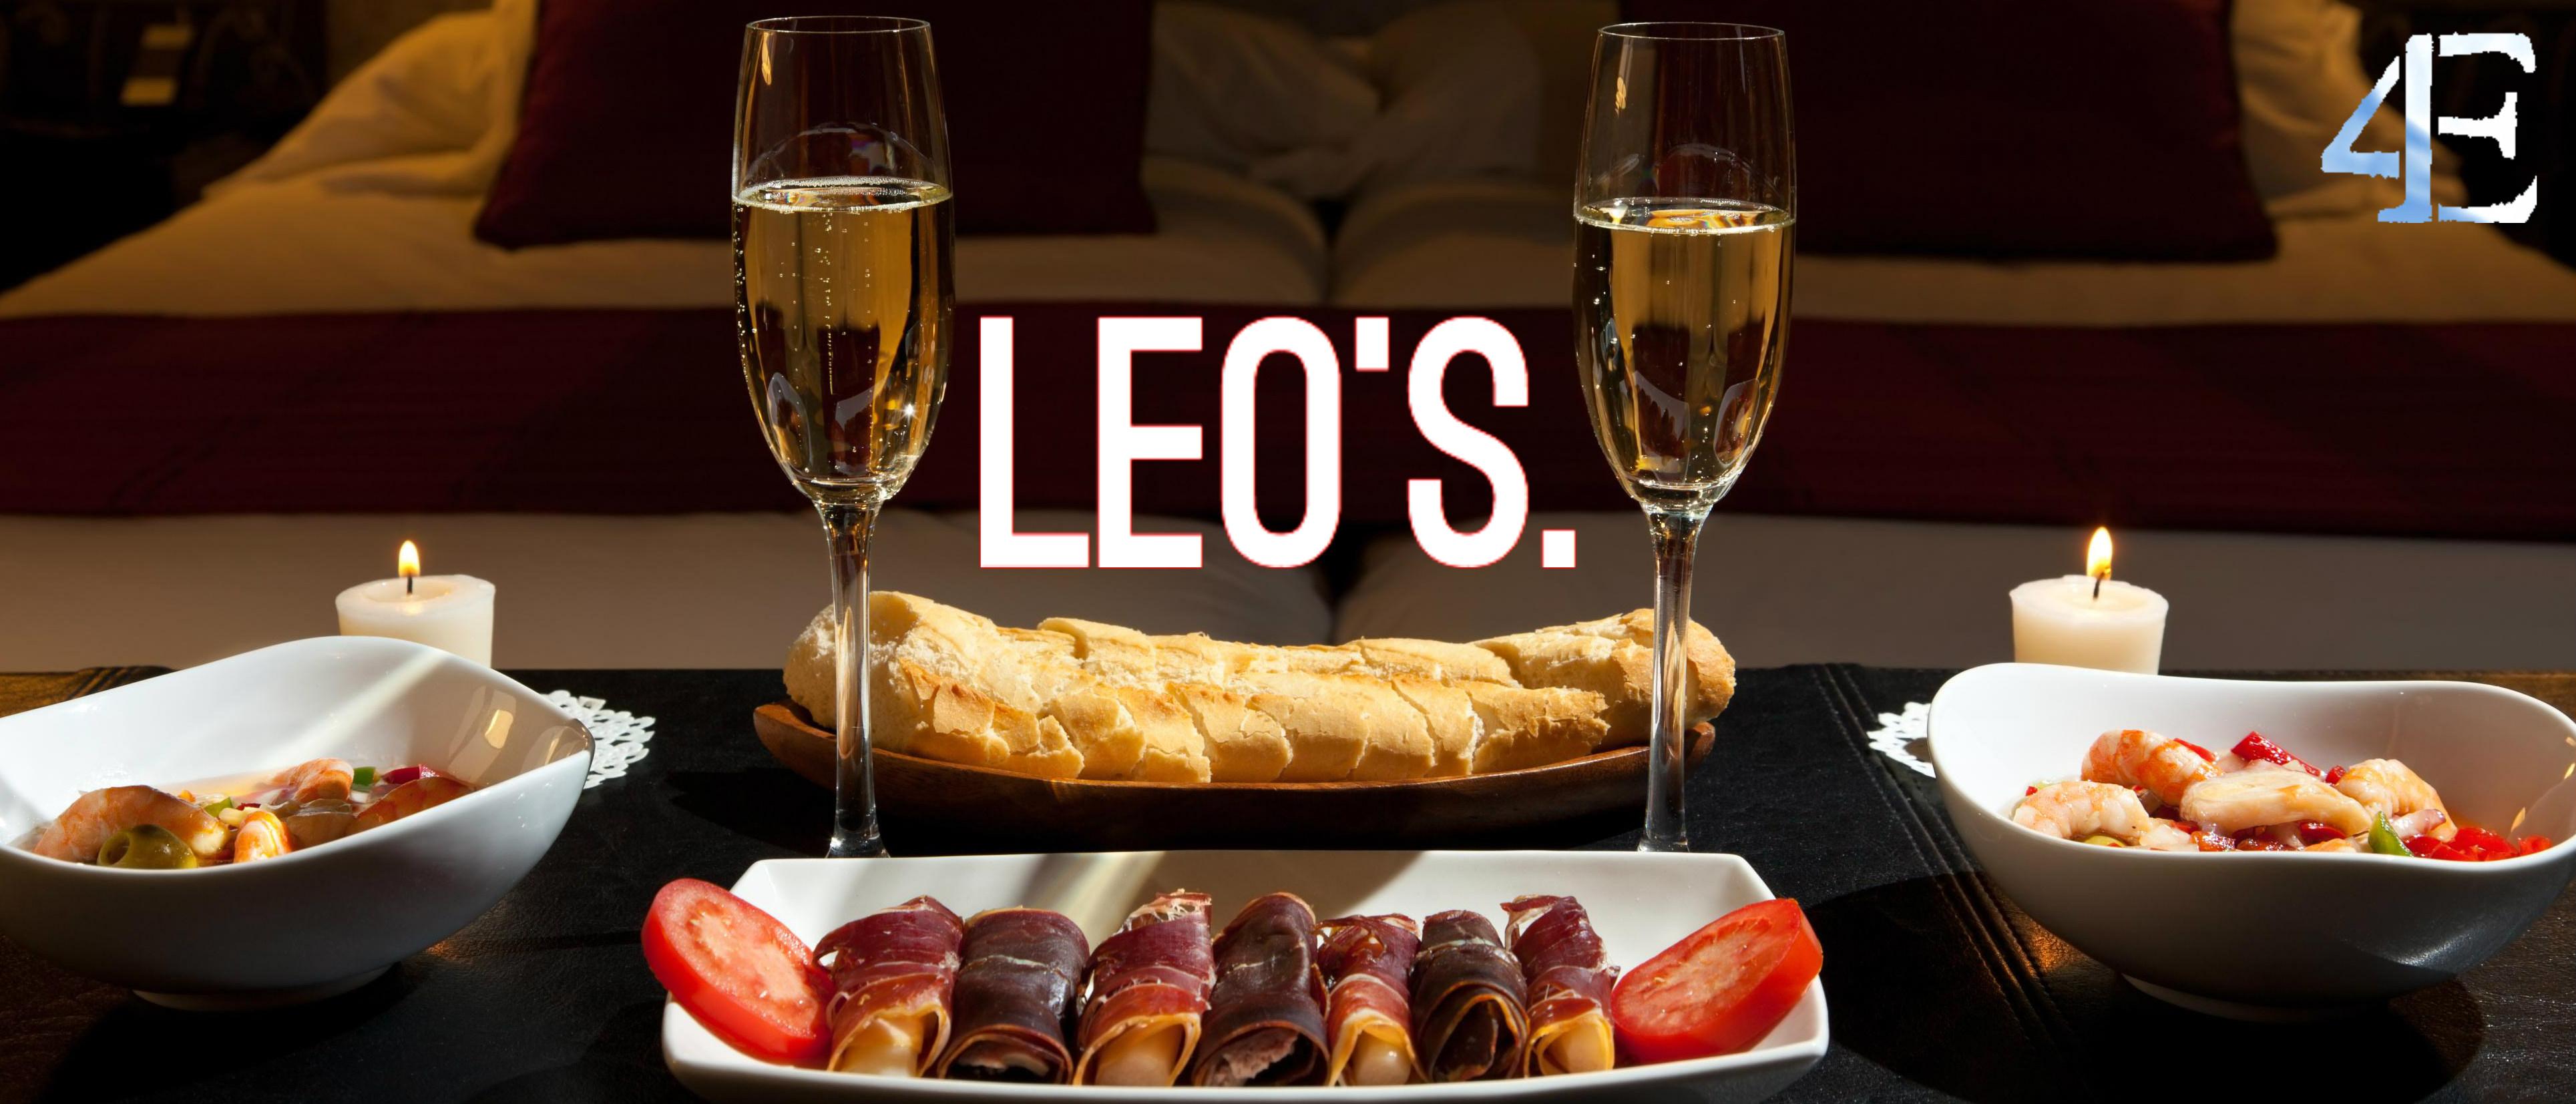 Romantic Leo's